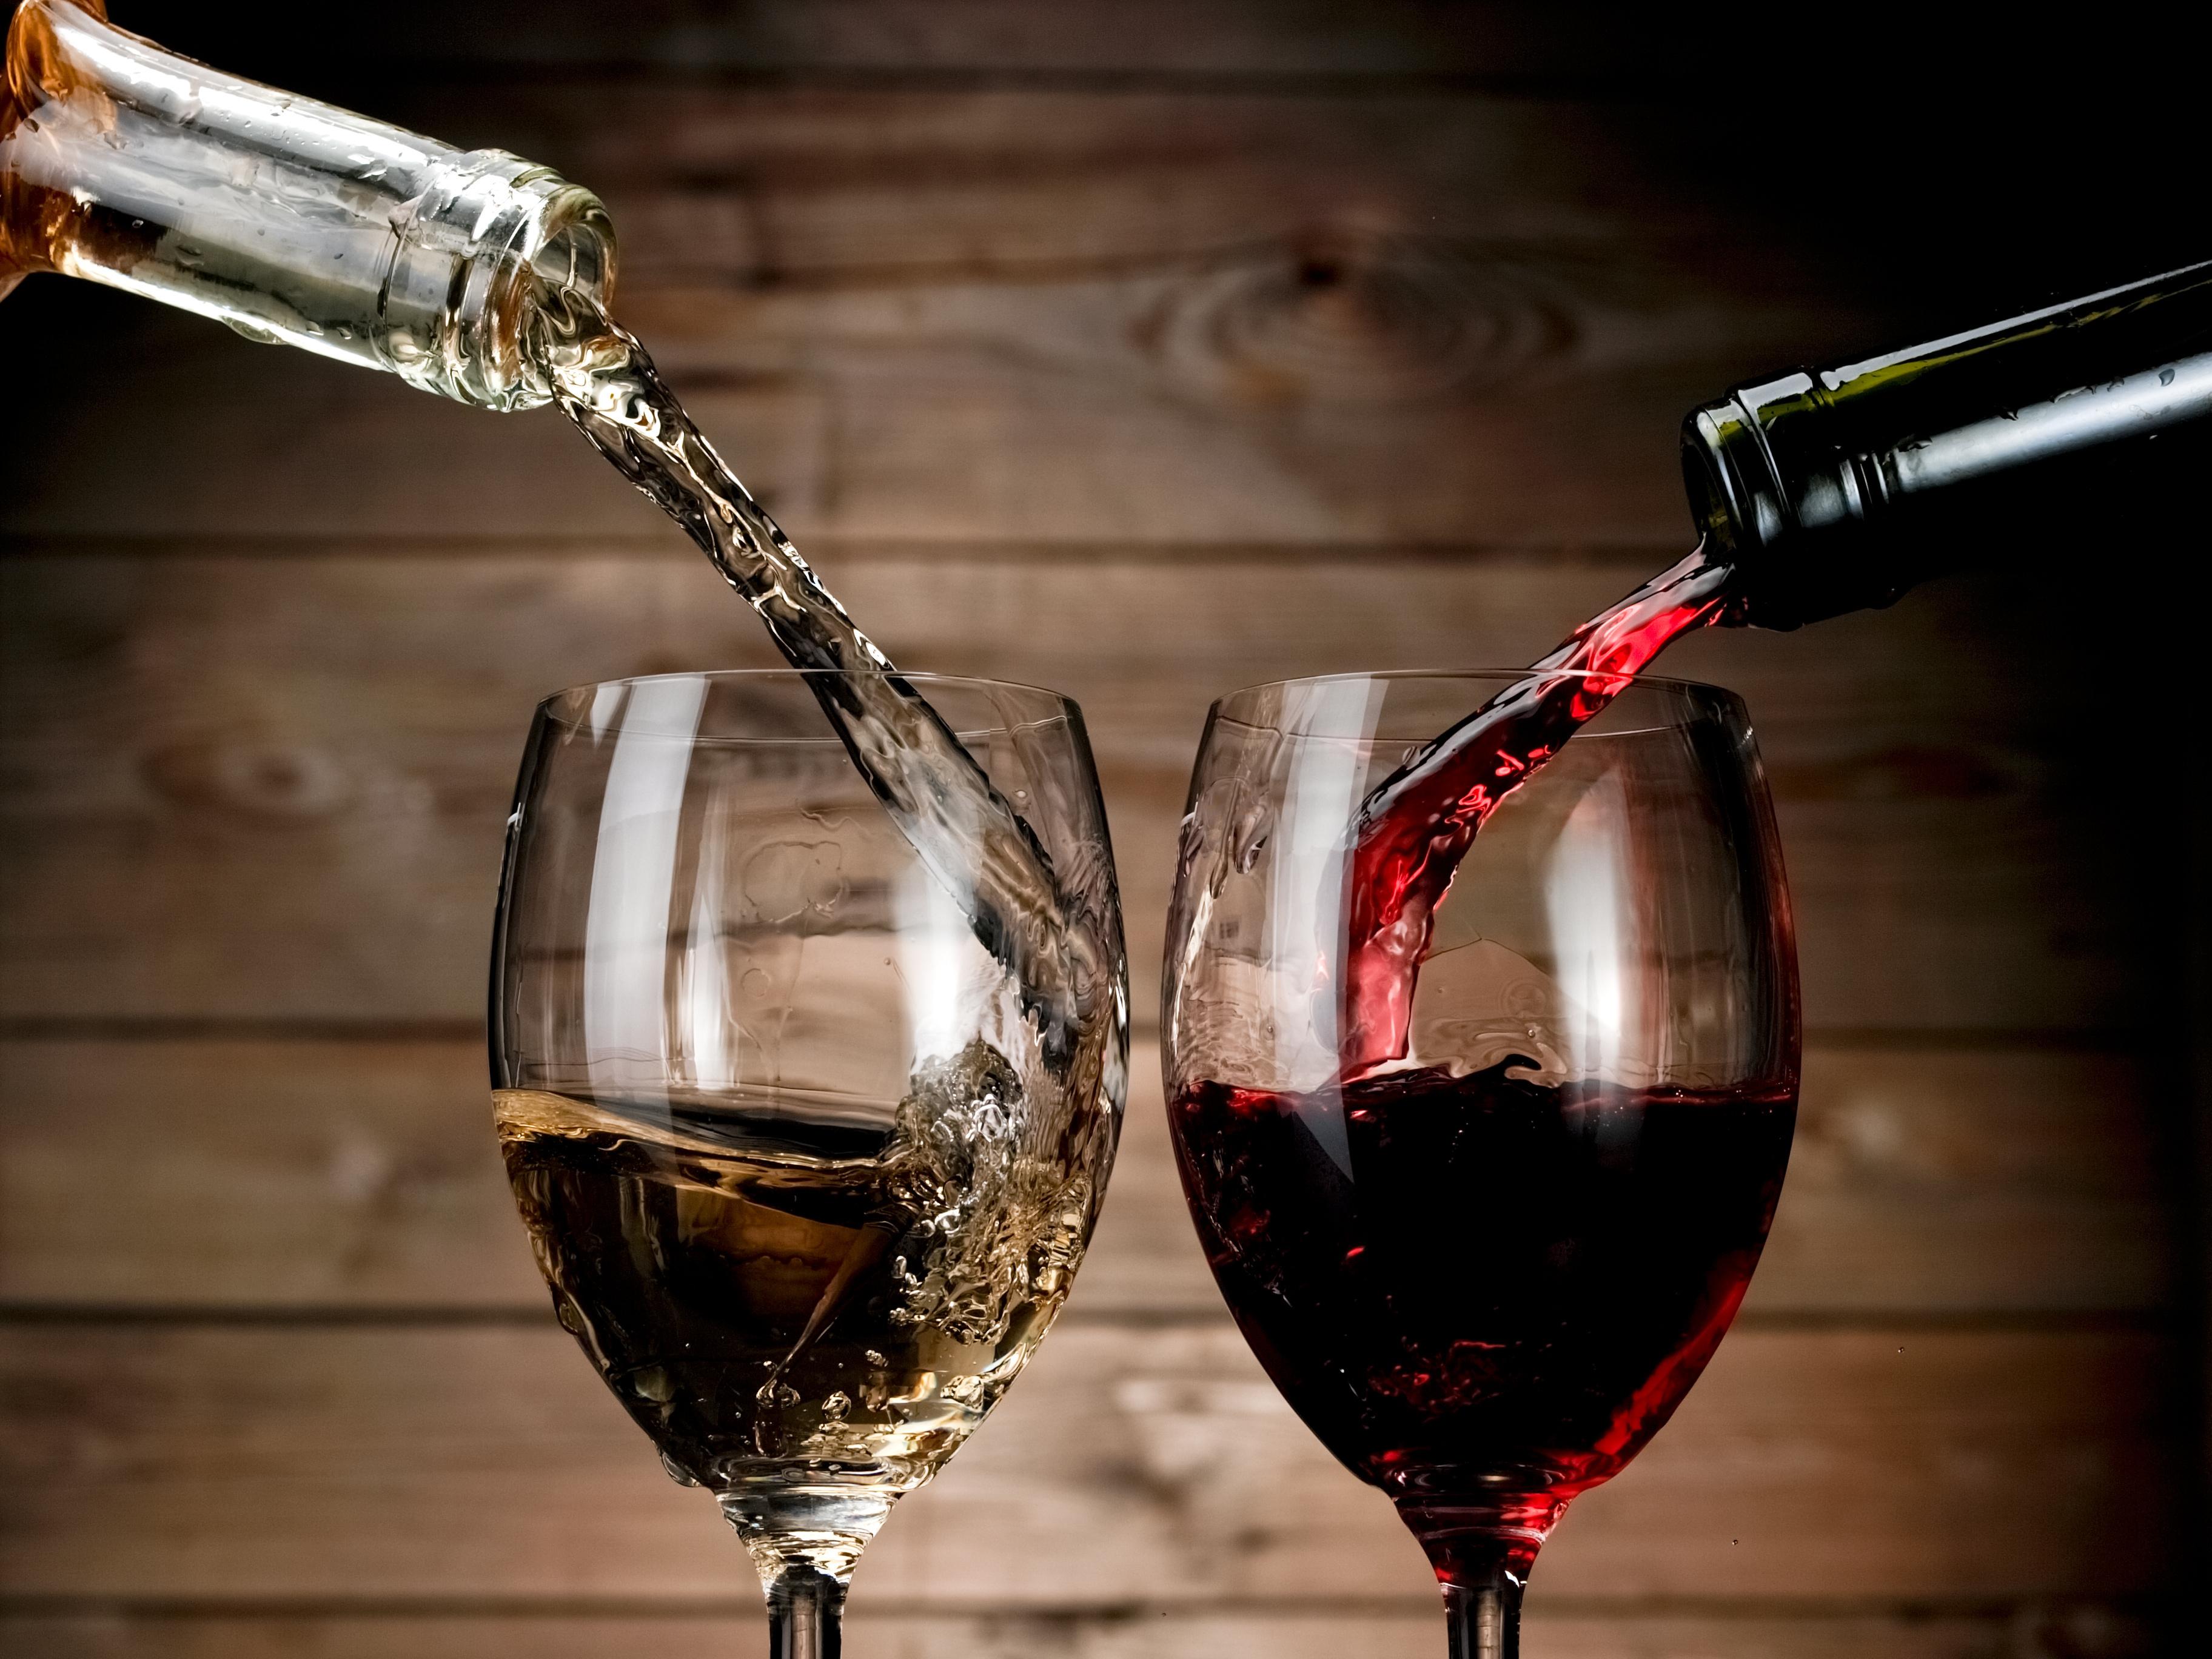 Вов, картинки бокал вина на столе